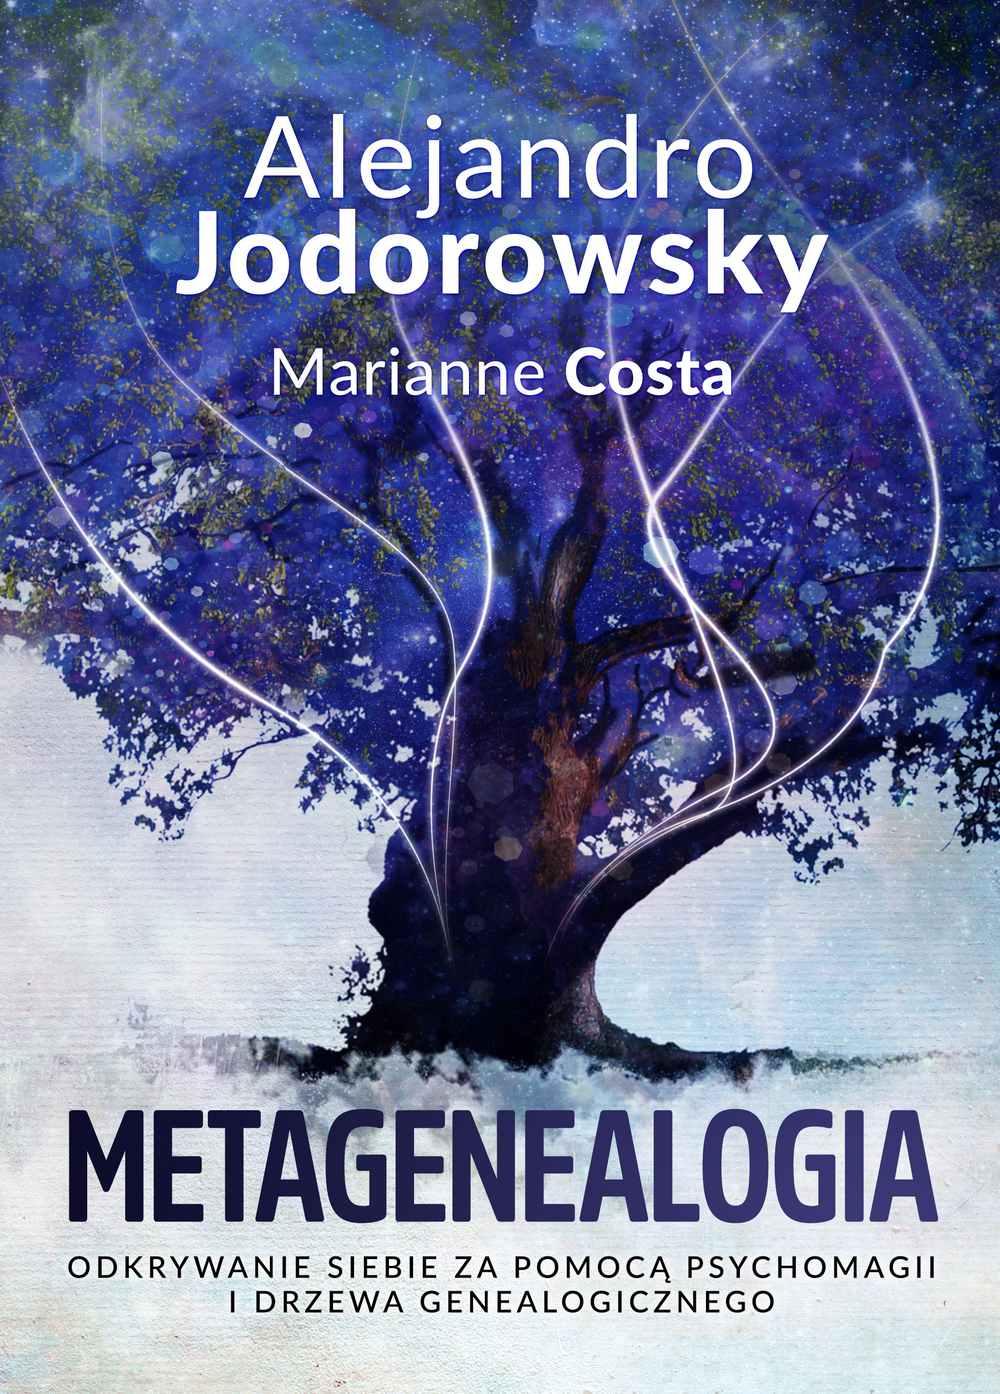 Metagenealogia. Odkrywanie siebie za pomocą psychomagii i drzewa genealogicznego - Ebook (Książka EPUB) do pobrania w formacie EPUB